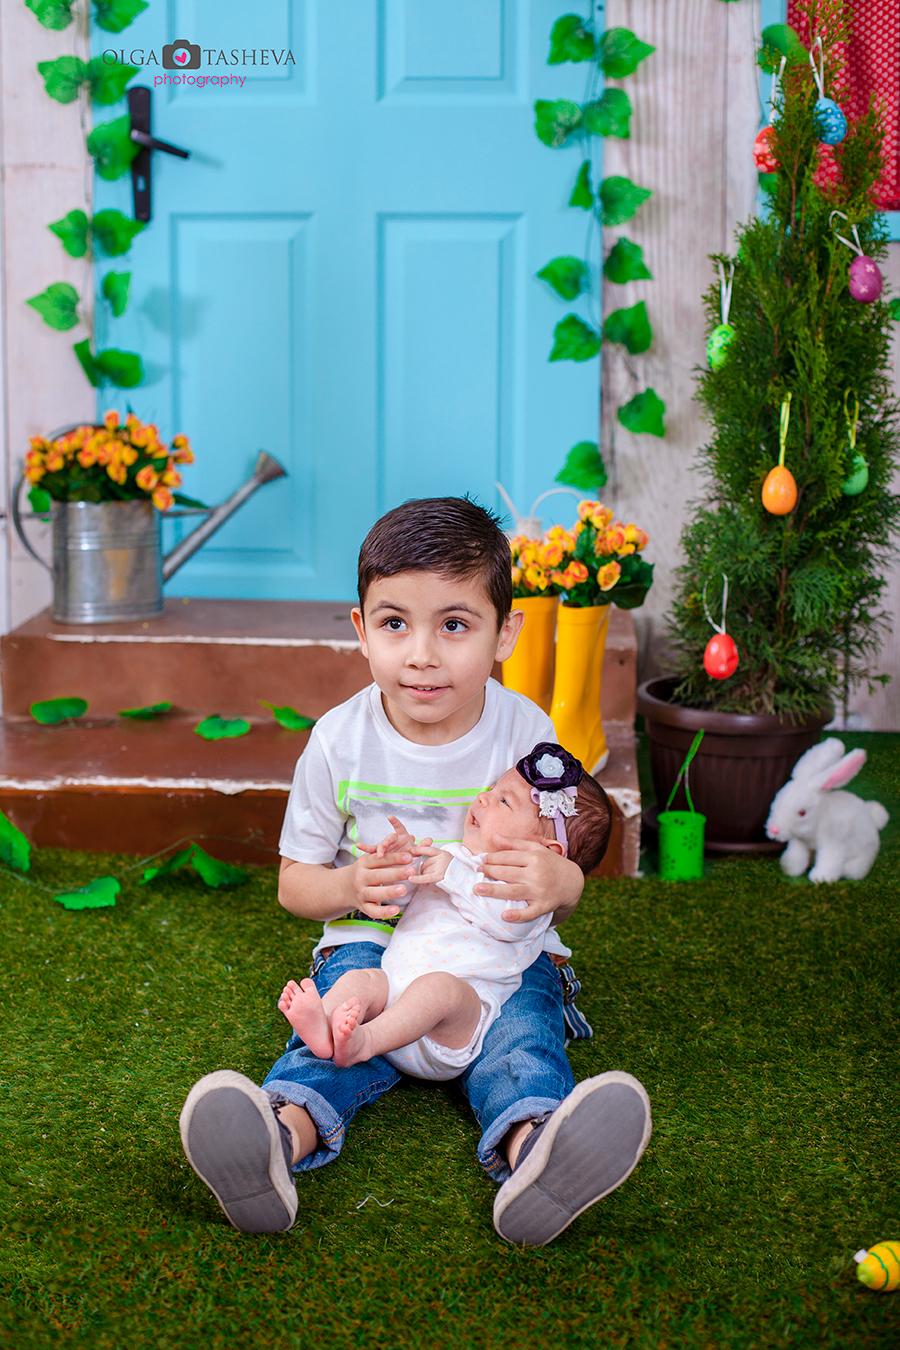 Детска фотосесия на Ростислав и Стелияна при фотограф Олга Ташева. Фото студио Варна. Детска, бебешка и семейна фотография. Фотограф Варна - 41578